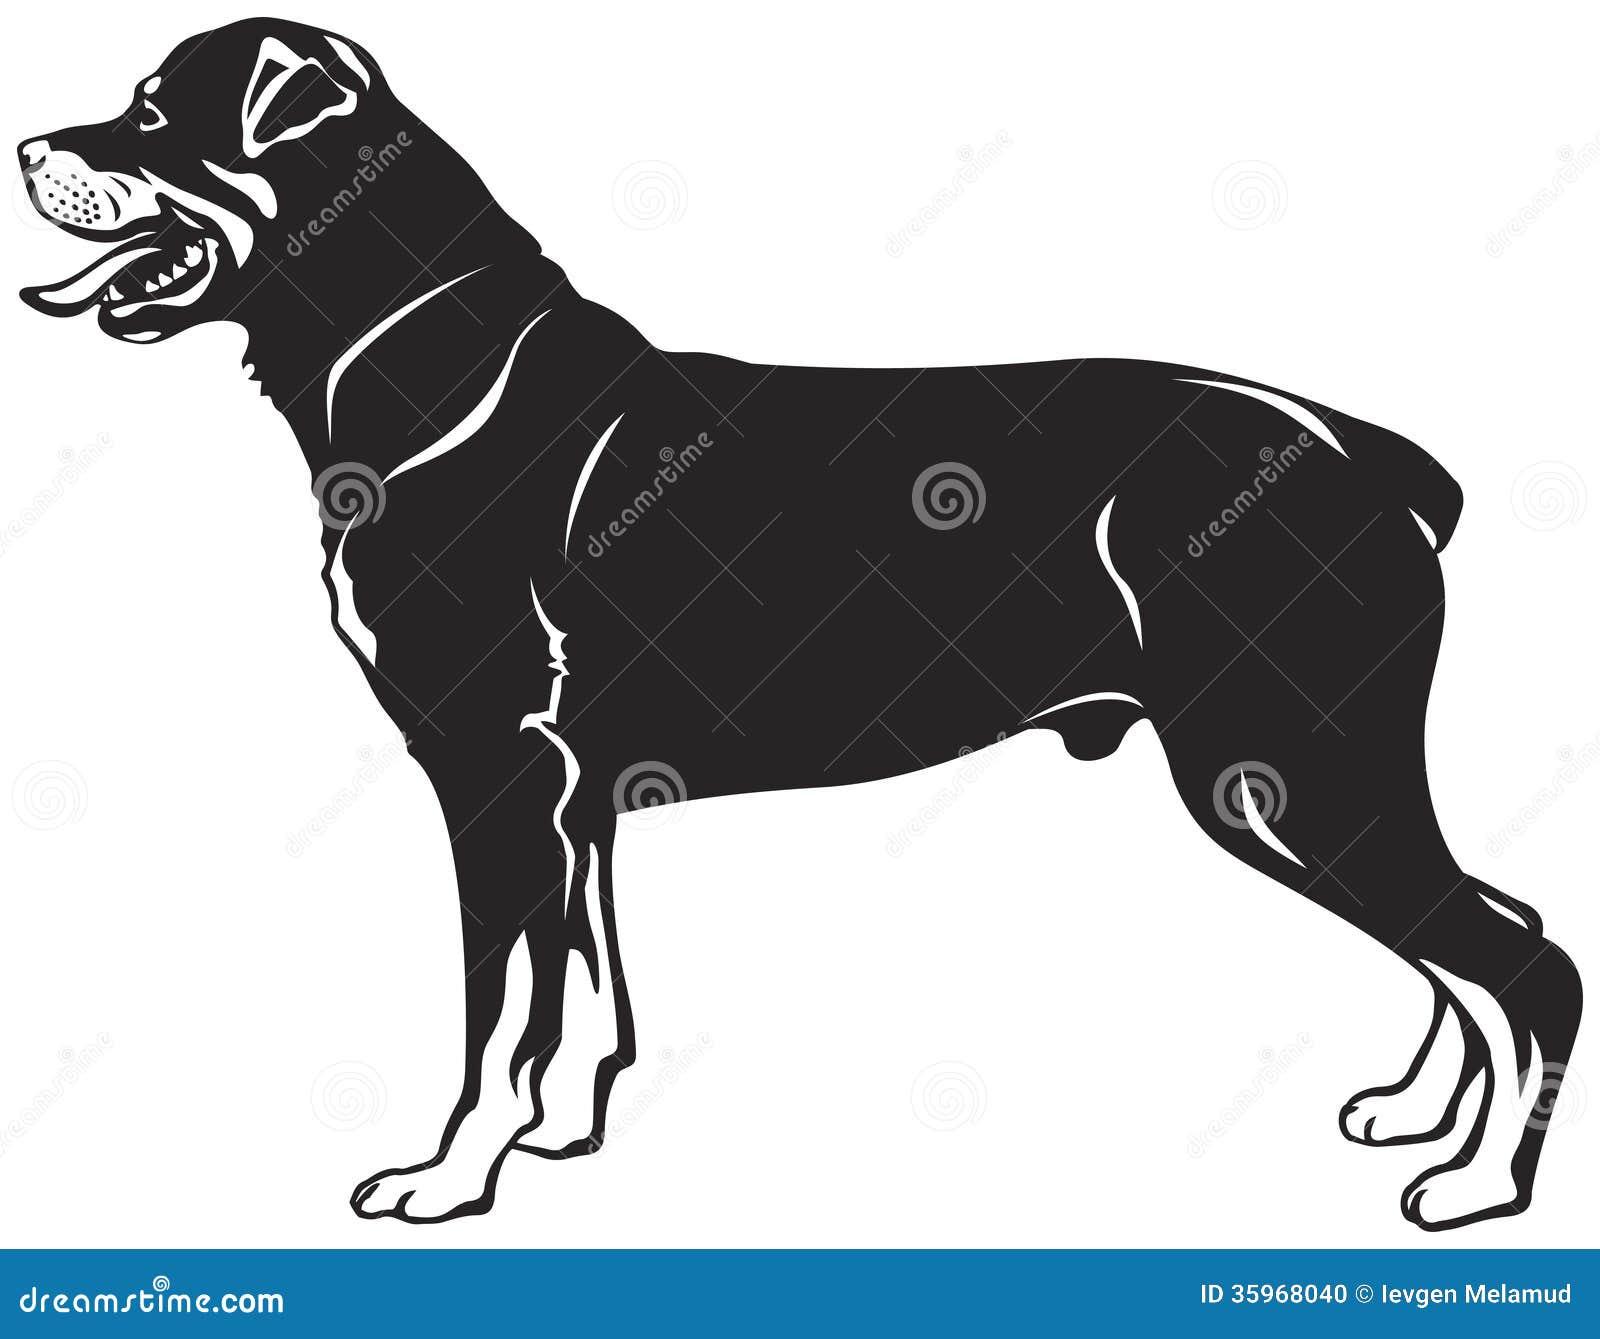 Rottweiler Dog Breed Stock Photo Image 35968040